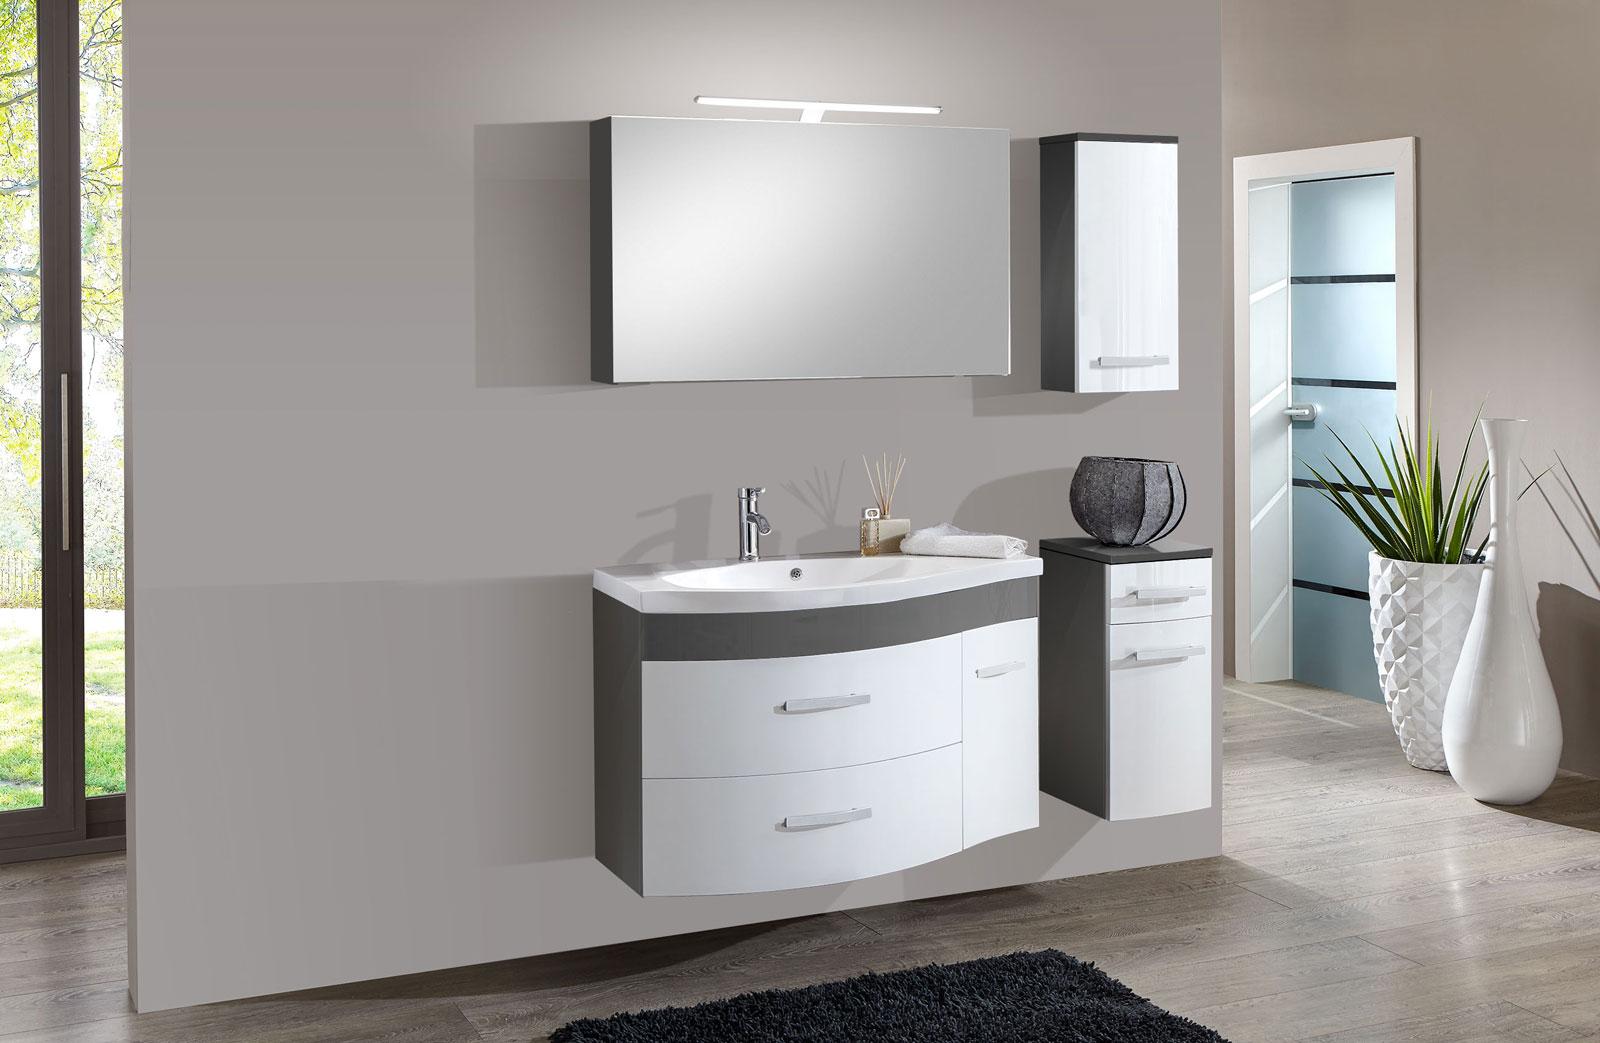 badezimmer grau weiß | jtleigh - hausgestaltung ideen